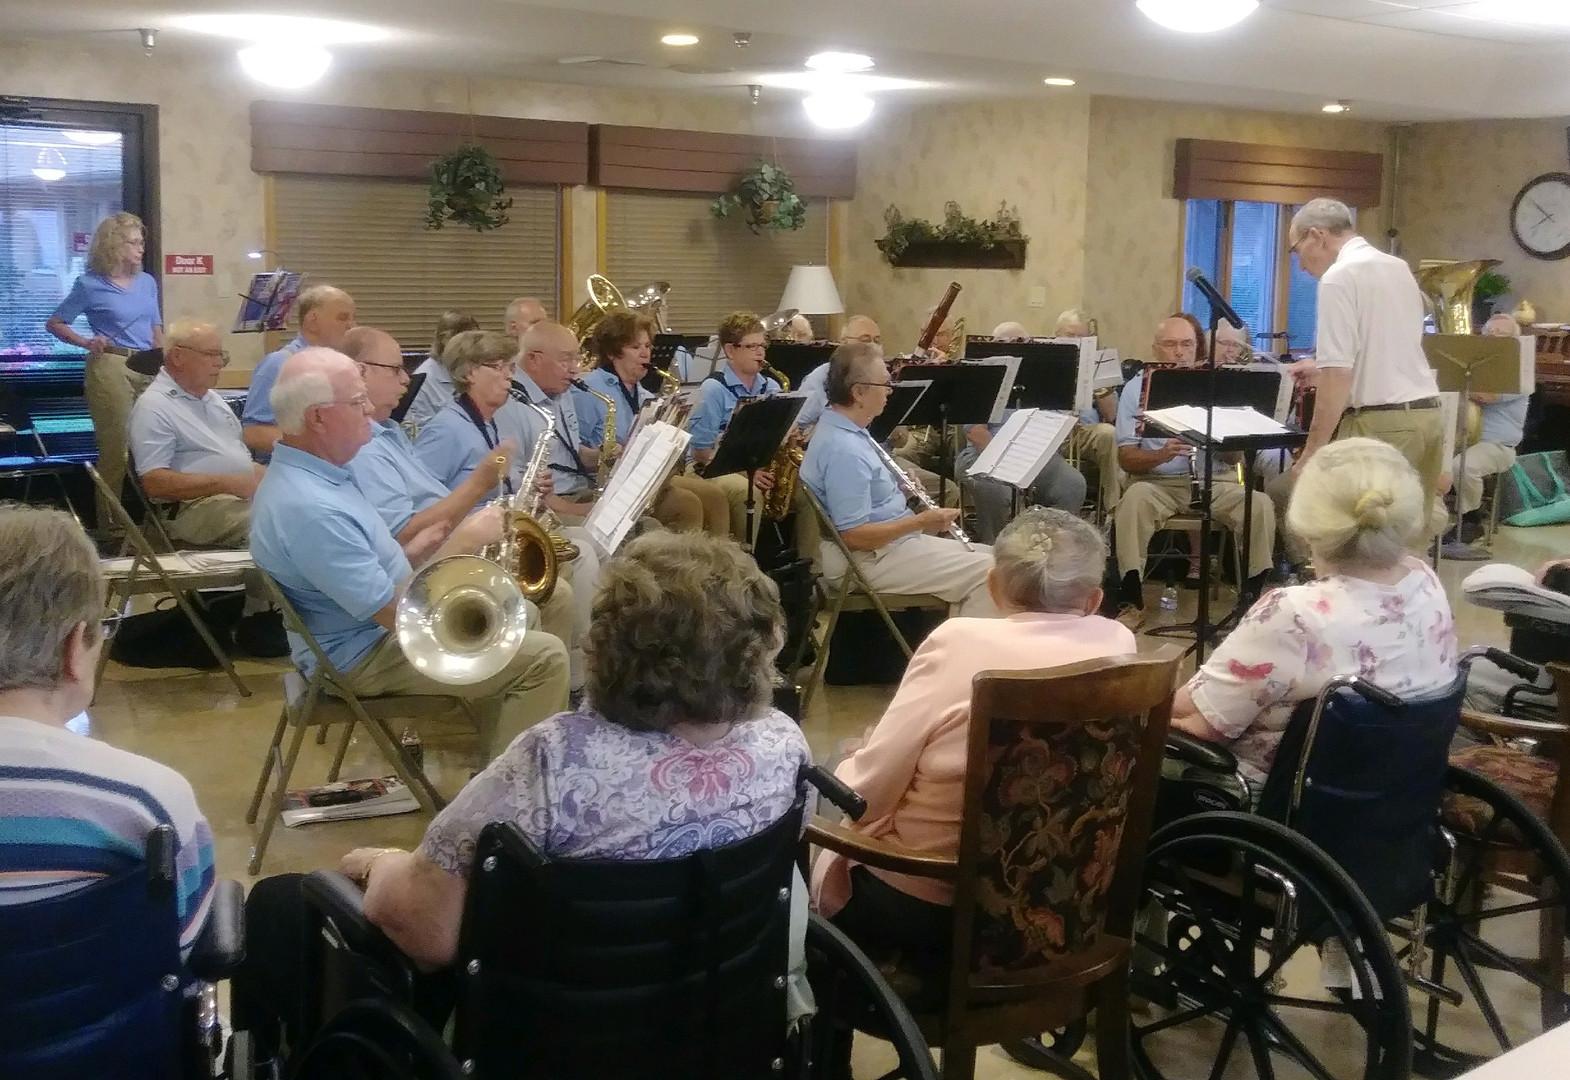 seniors listening to music